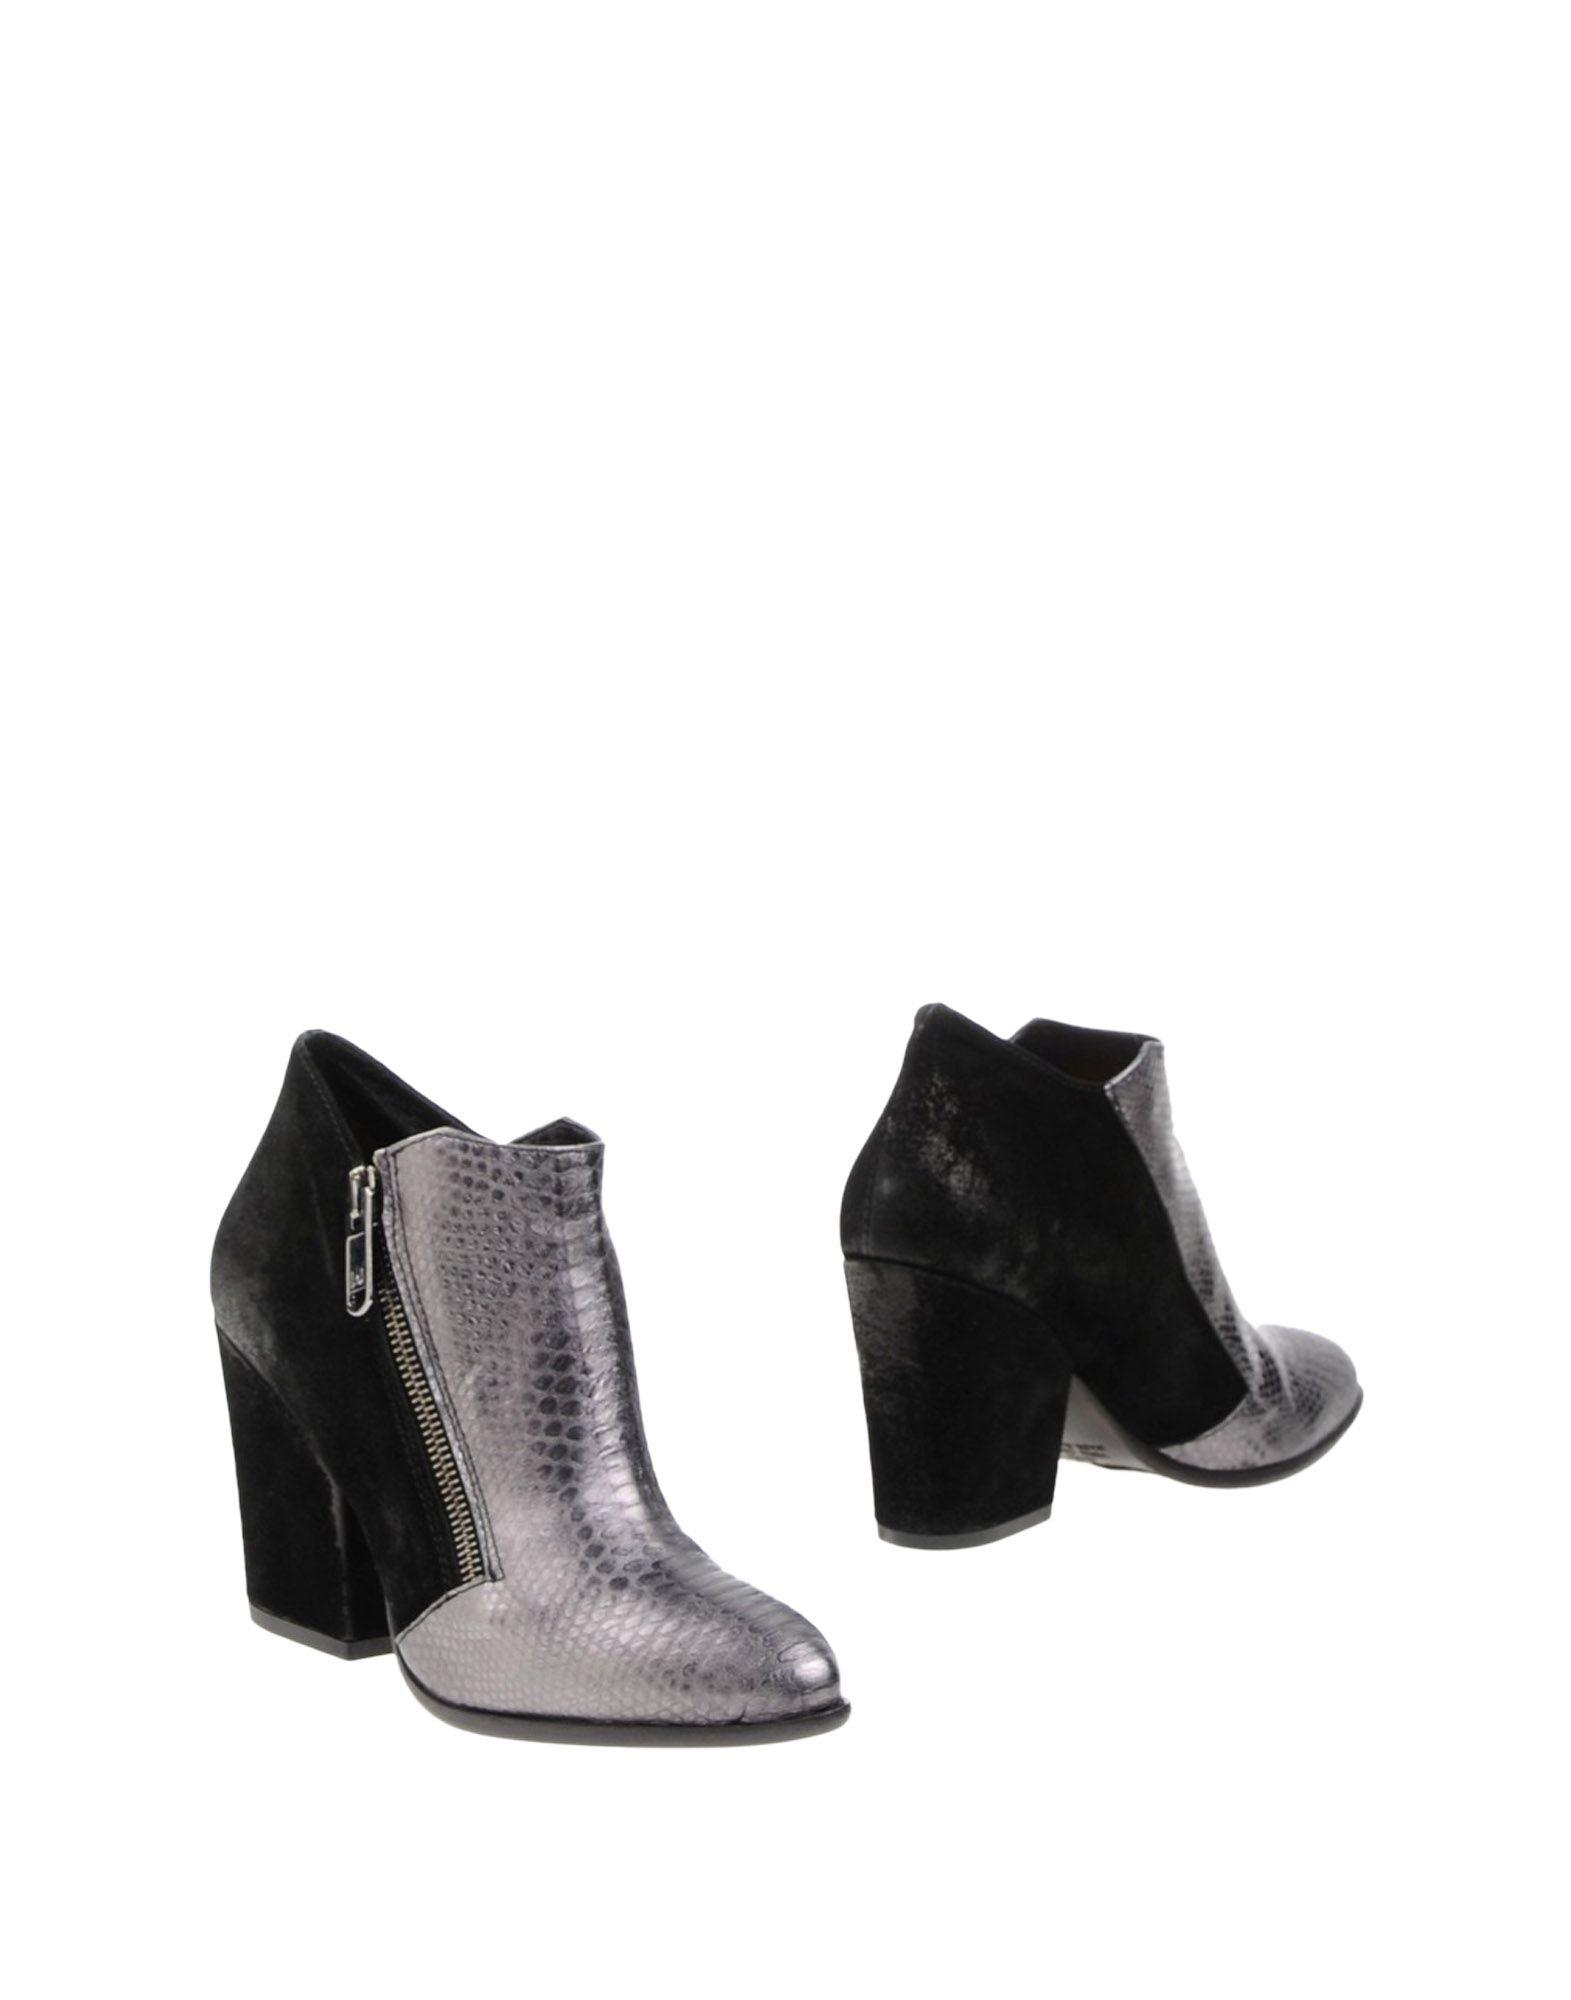 Stilvolle billige Schuhe Damen Liu •Jo Schuhes Stiefelette Damen Schuhe  11406579TH 486258